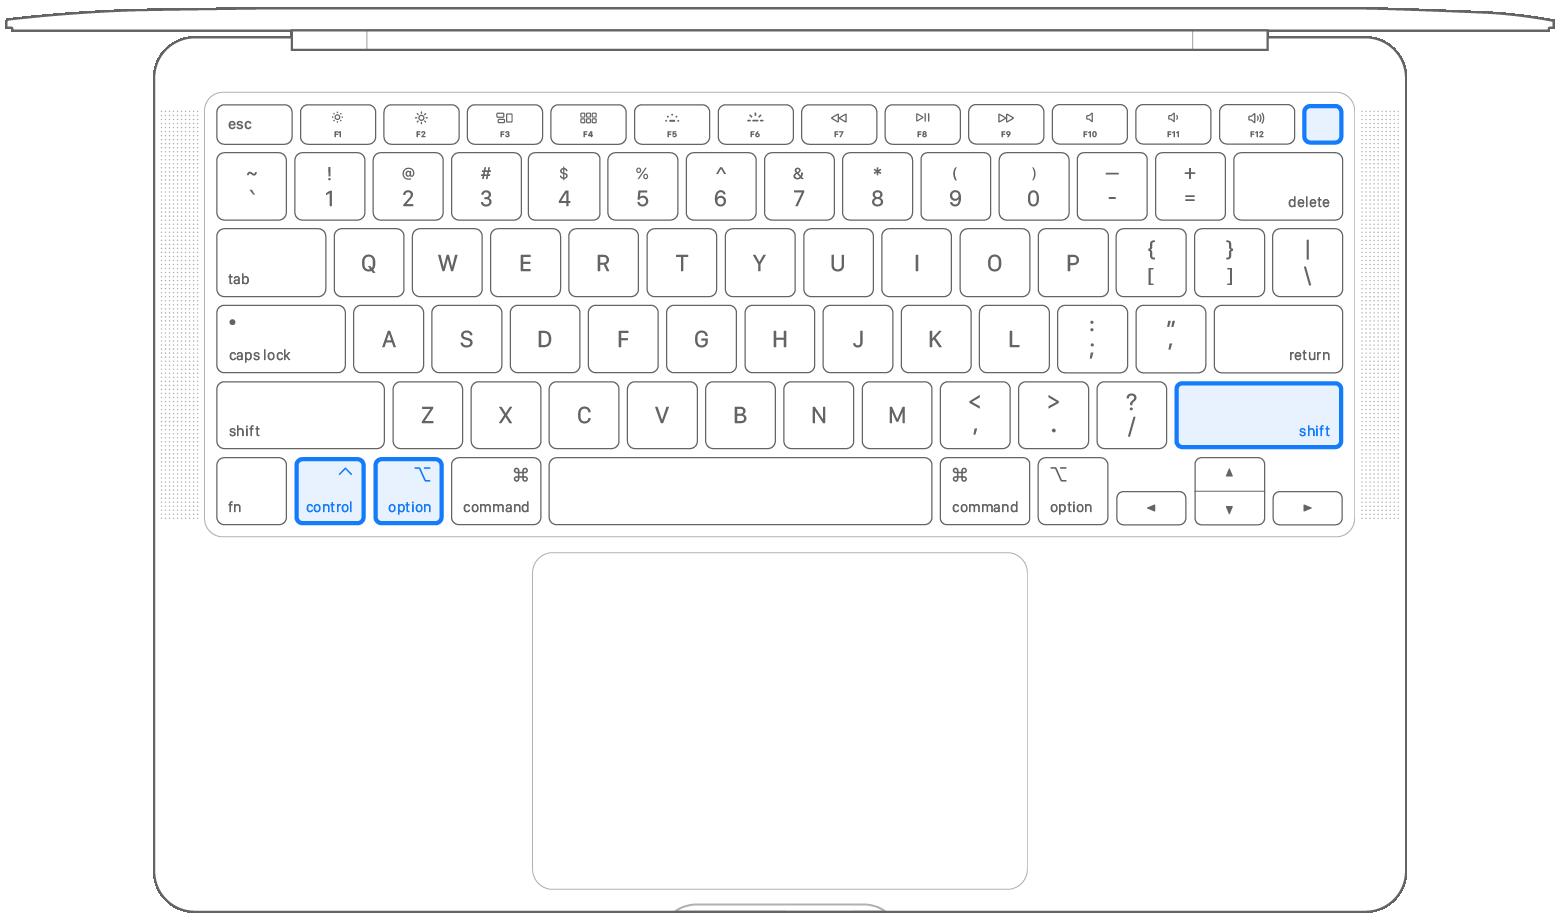 2020 macbook air keyboard diagram smc